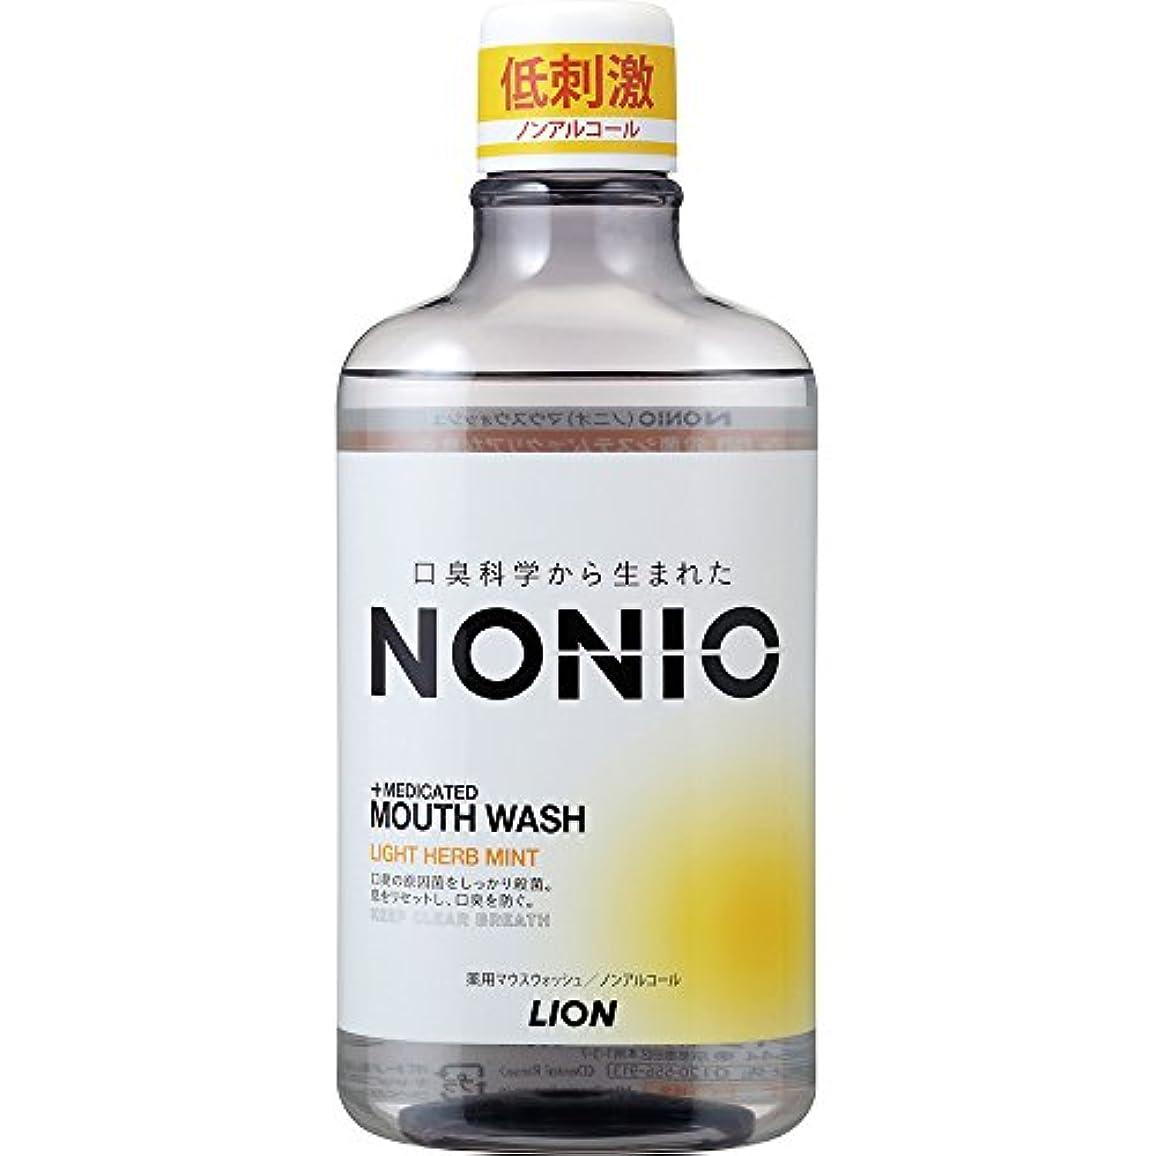 検体アンソロジー修士号[医薬部外品]NONIO マウスウォッシュ ノンアルコール ライトハーブミント 600ml 洗口液